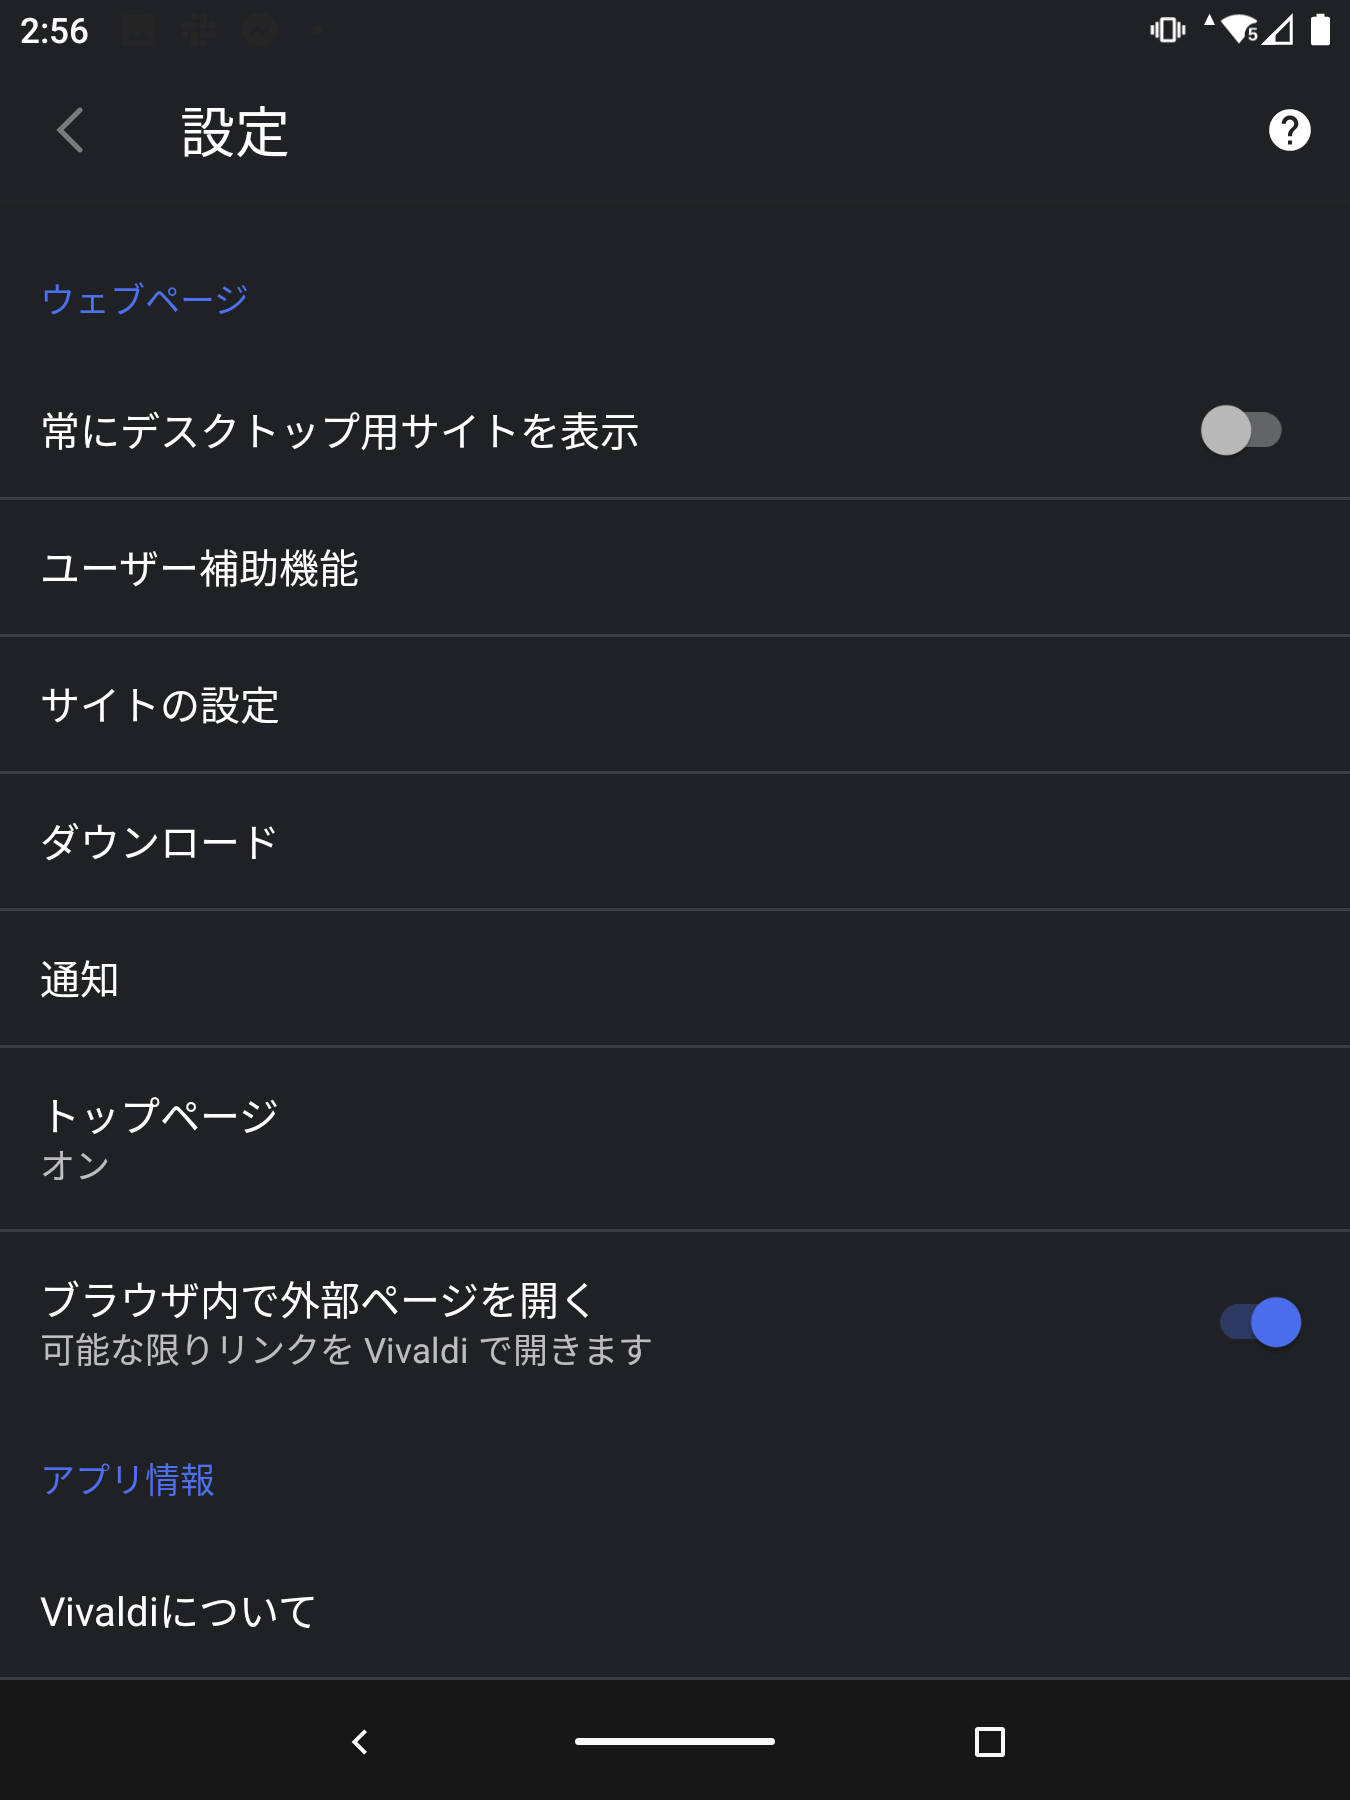 設定画面に[ブラウザ内で外部ページを開く](Stay in browser)というオプションが新設